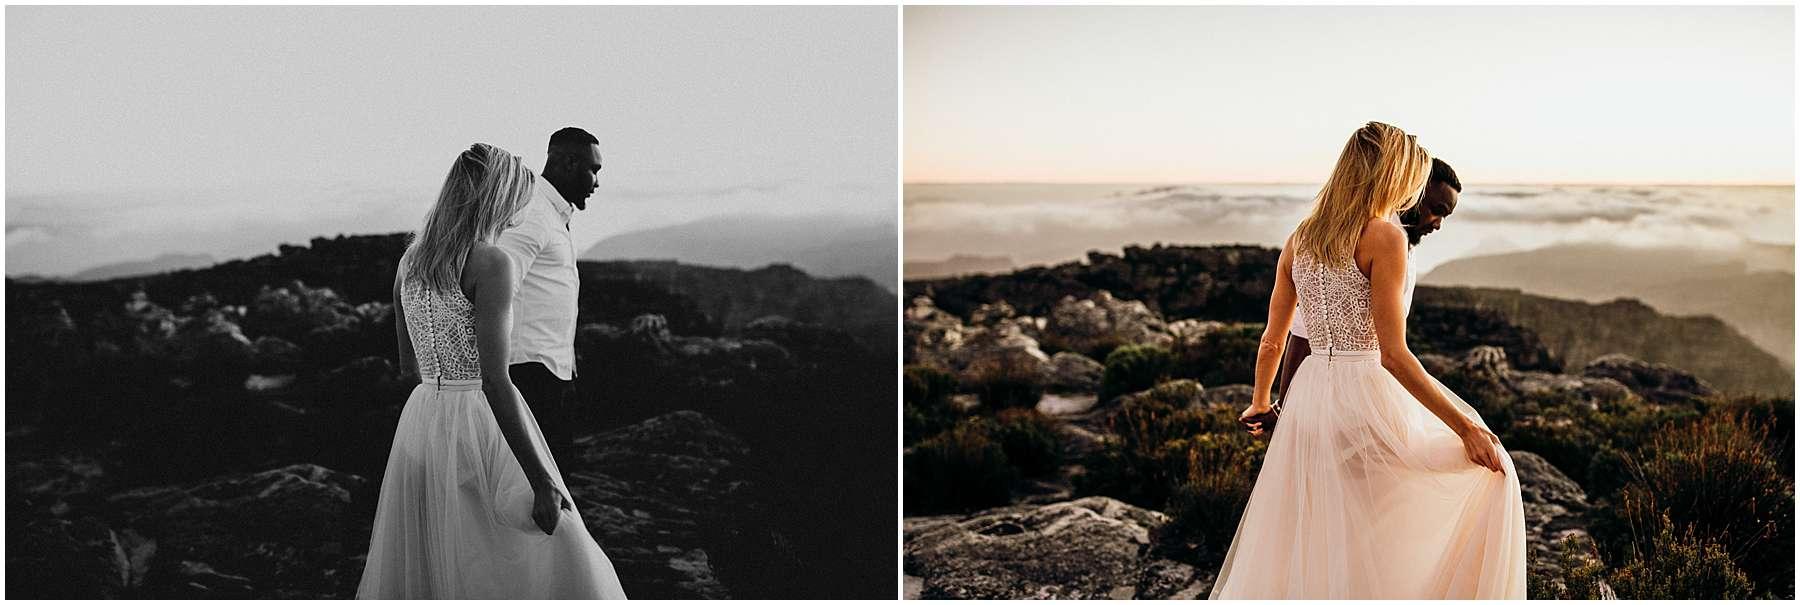 LOTTYH-South-Africa-Elopement-Photographer_0035.jpg